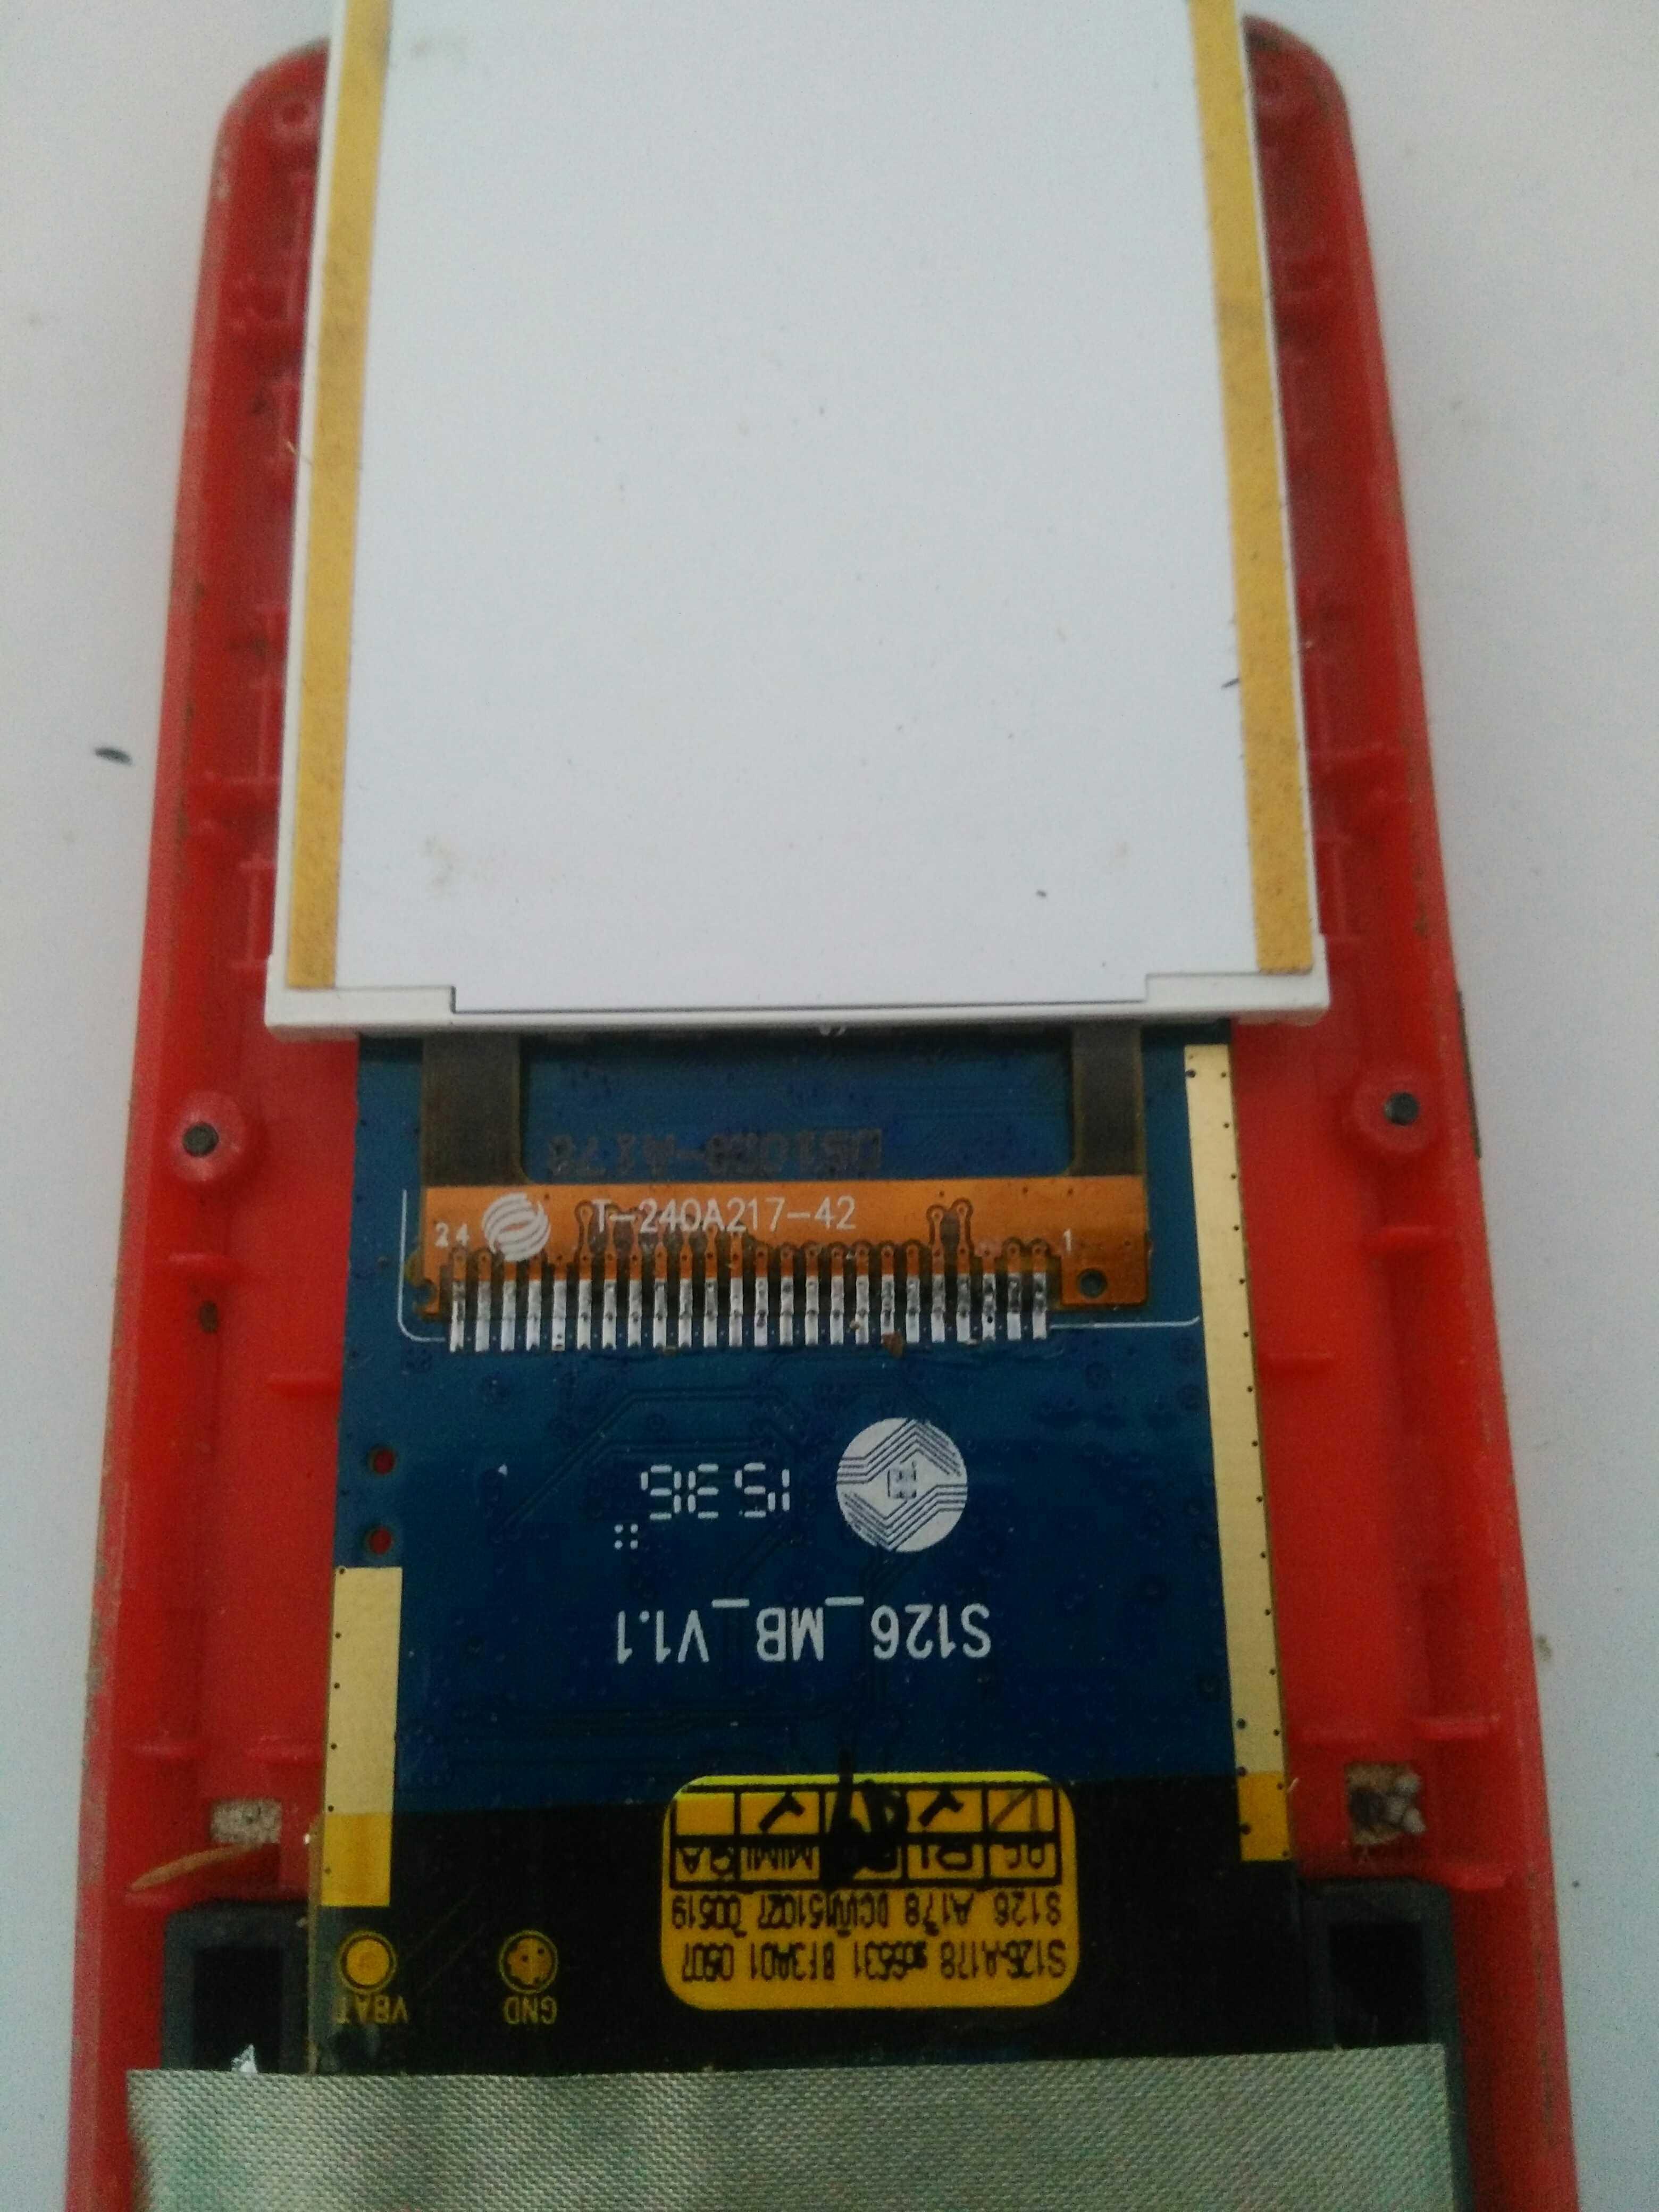 Запчасти для мобильных телефонов OTHER T-240A217-42 24 OTHER / Other